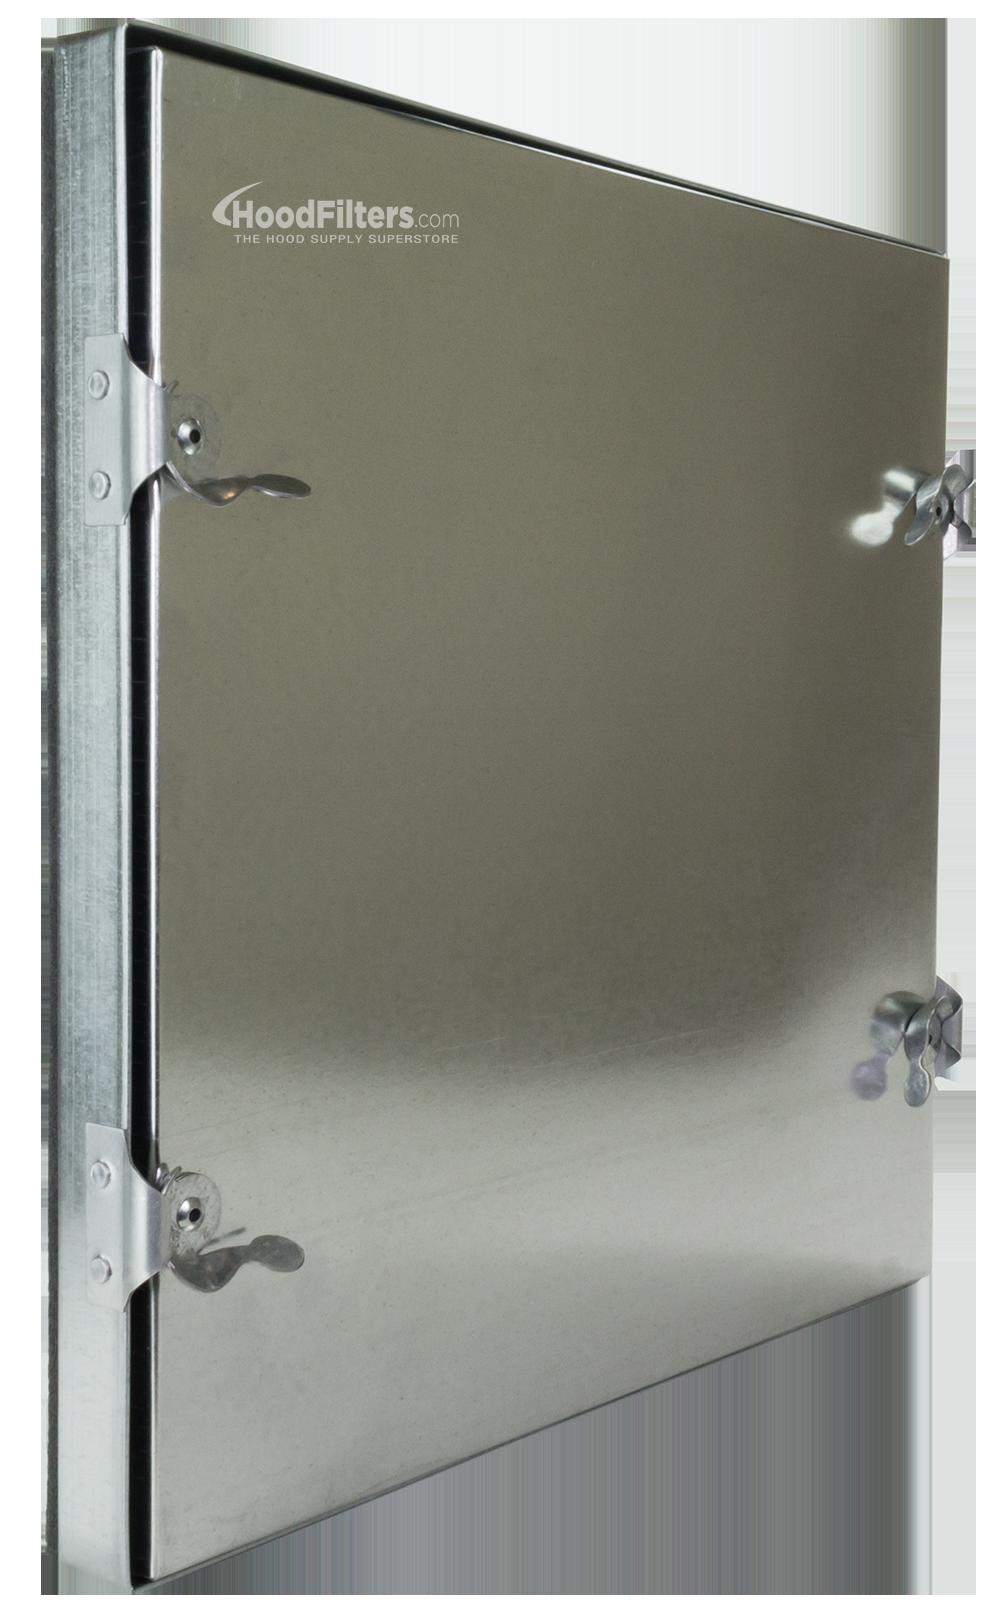 10 x 10 ductmate high pressure square framed access door for 10x10 door